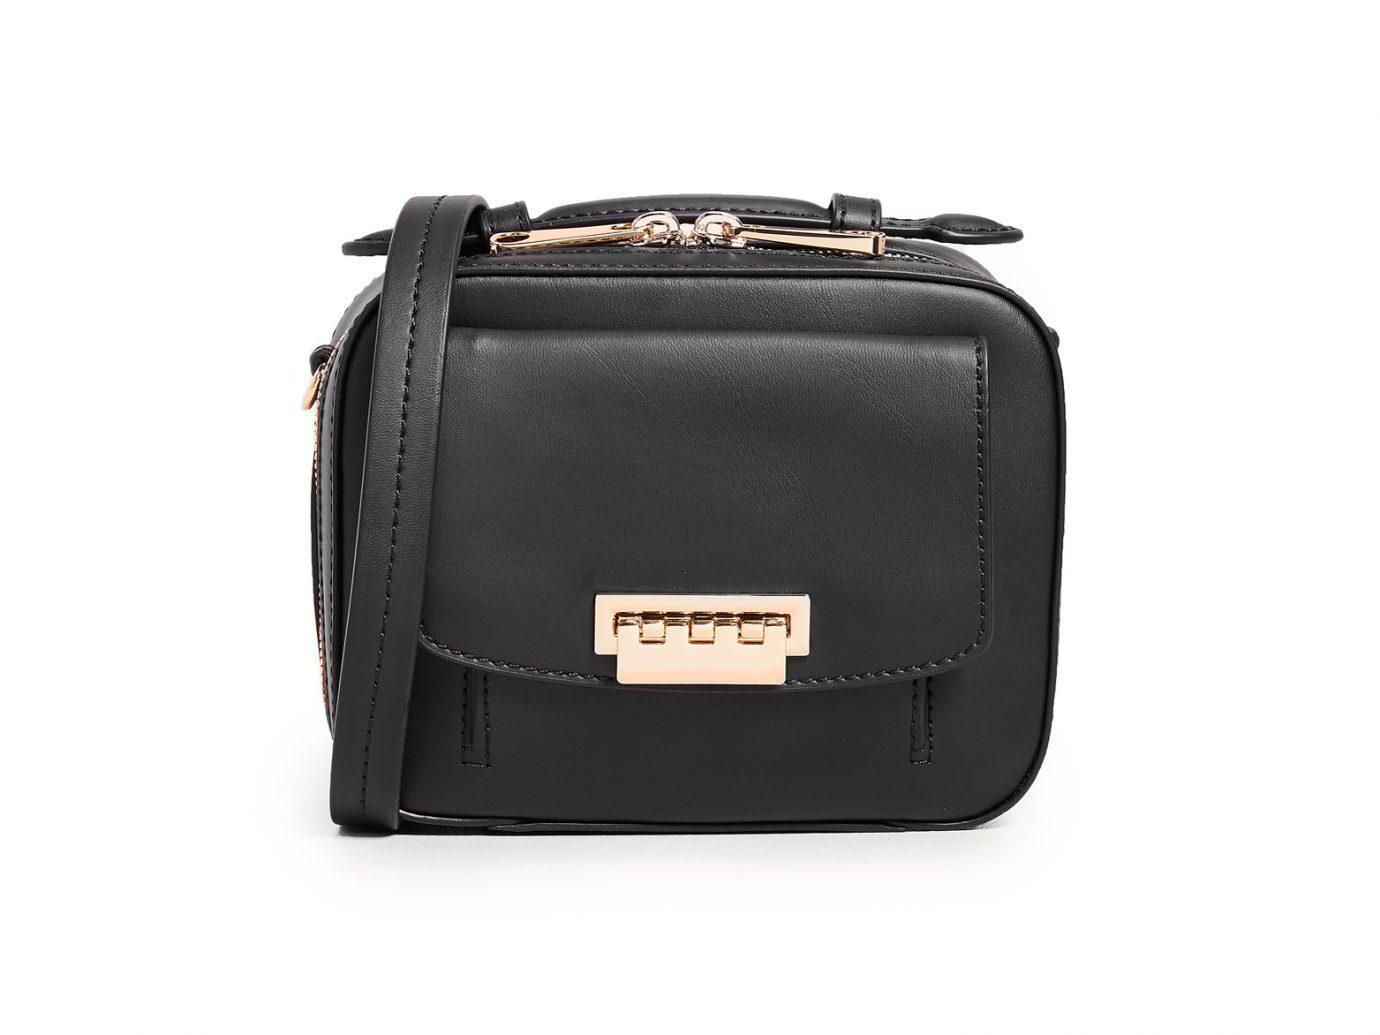 ZAC Zac Posen Earthette Smal Box Bag